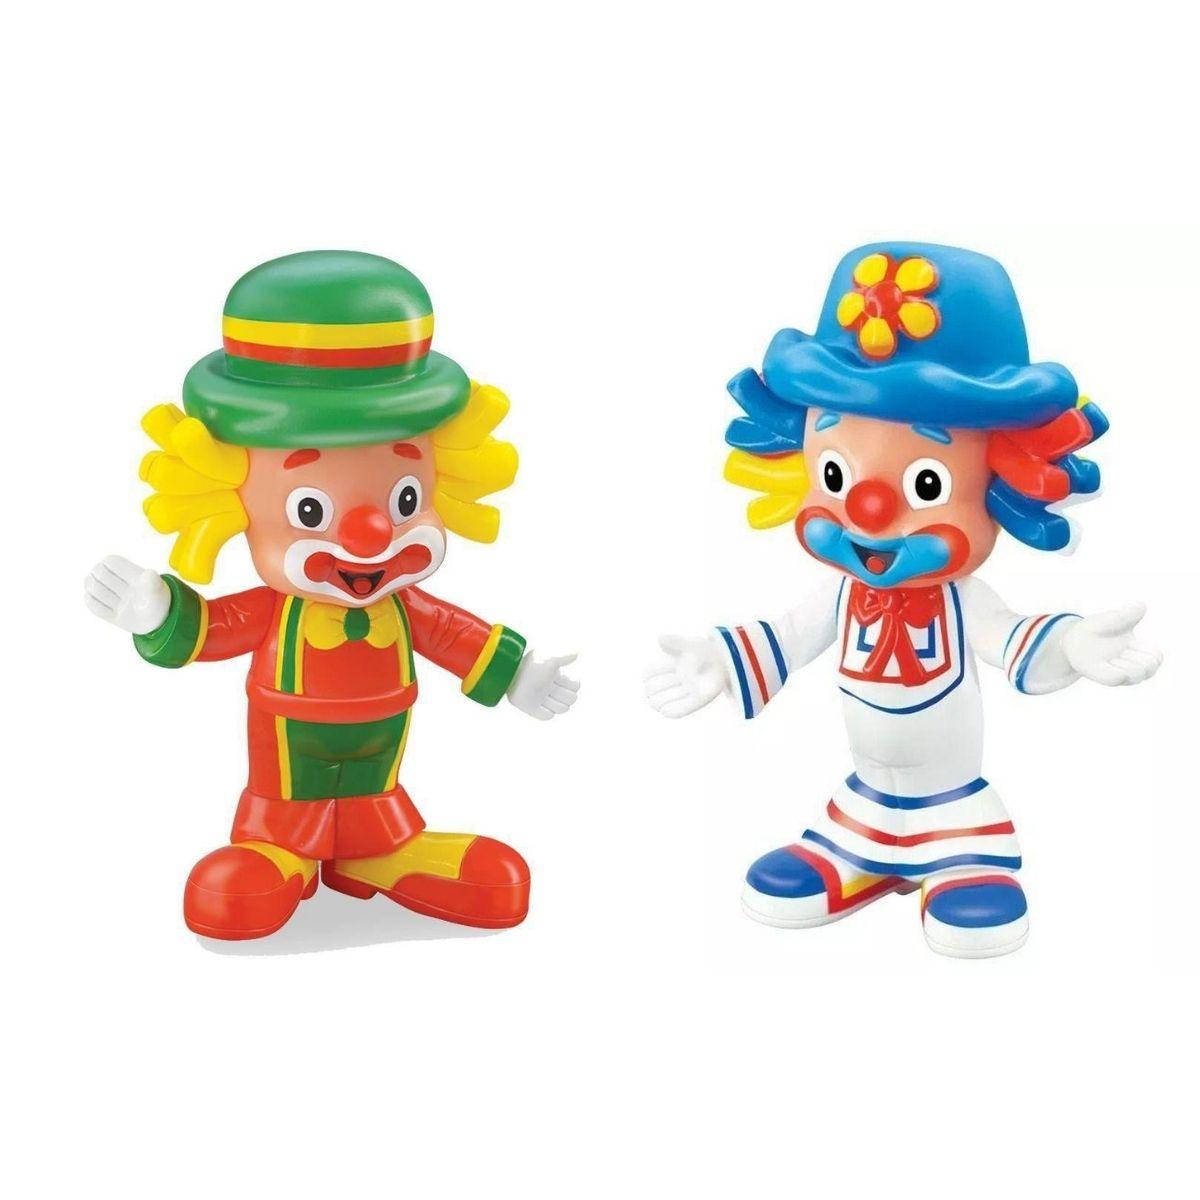 Patati Patata Boneco Palhaço Vinil Original Lider Brinquedos